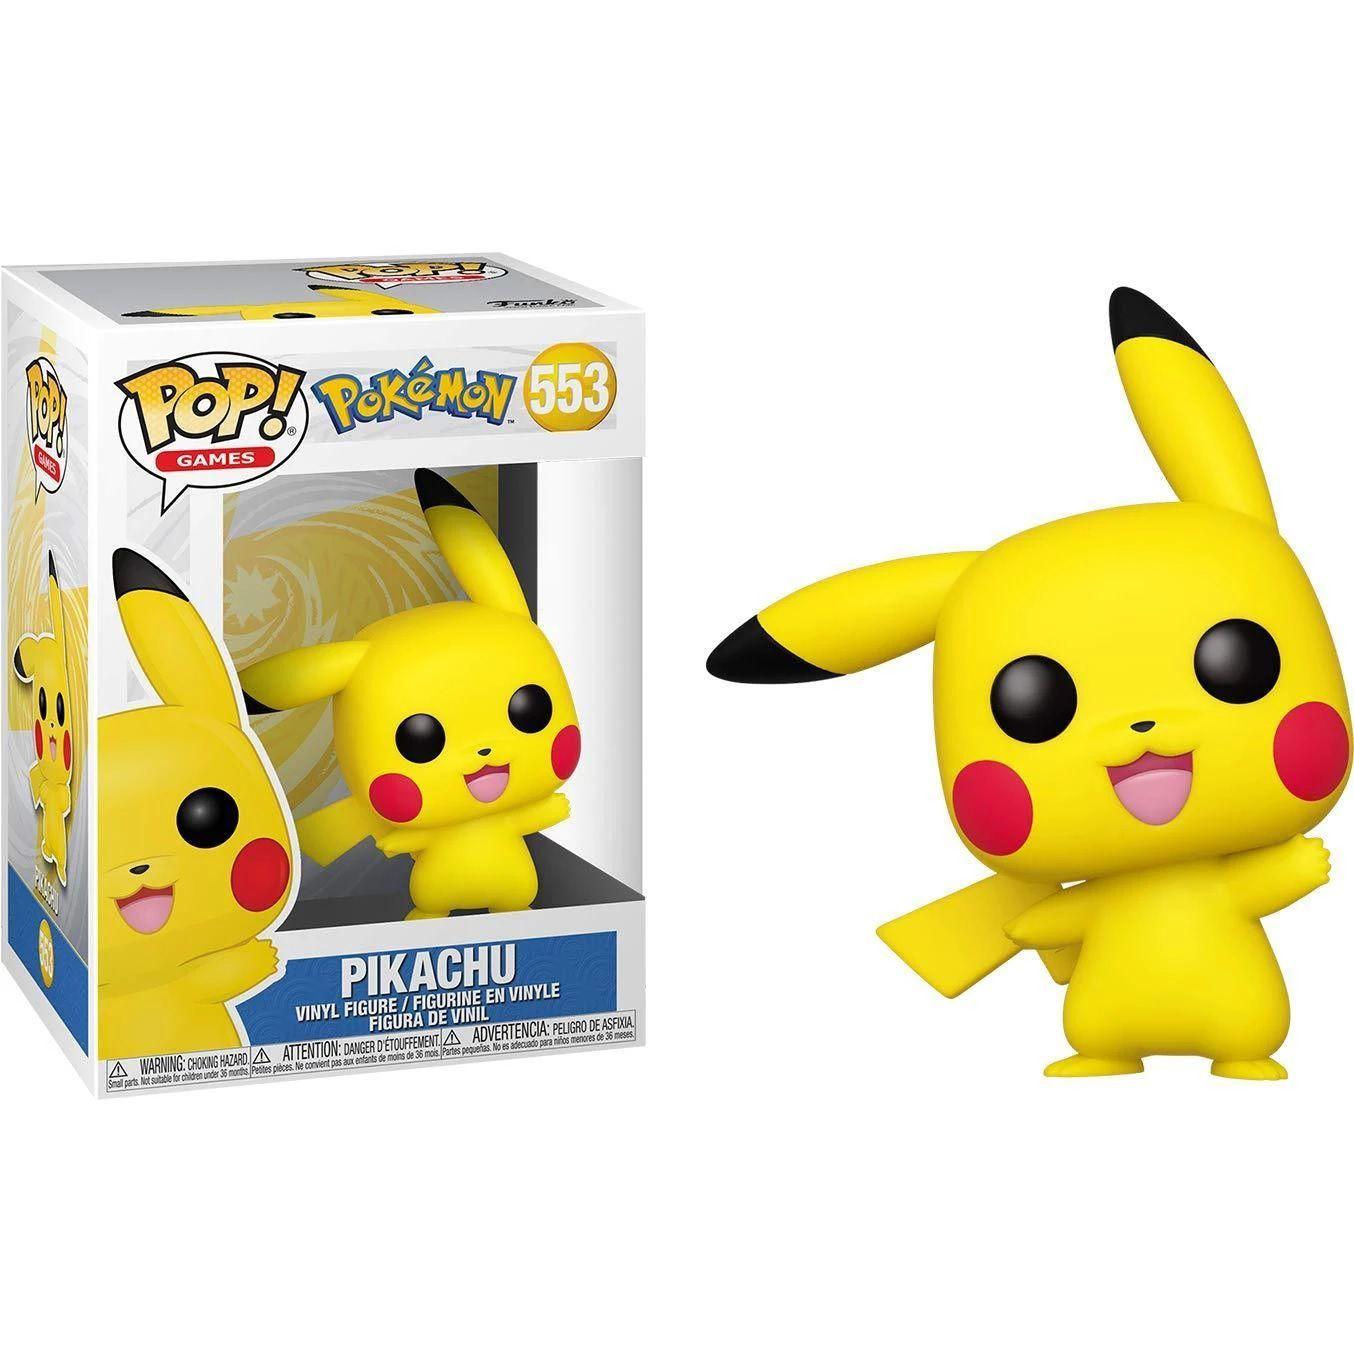 Funko Pop! Pikachu: Pokémon #553 - Funko